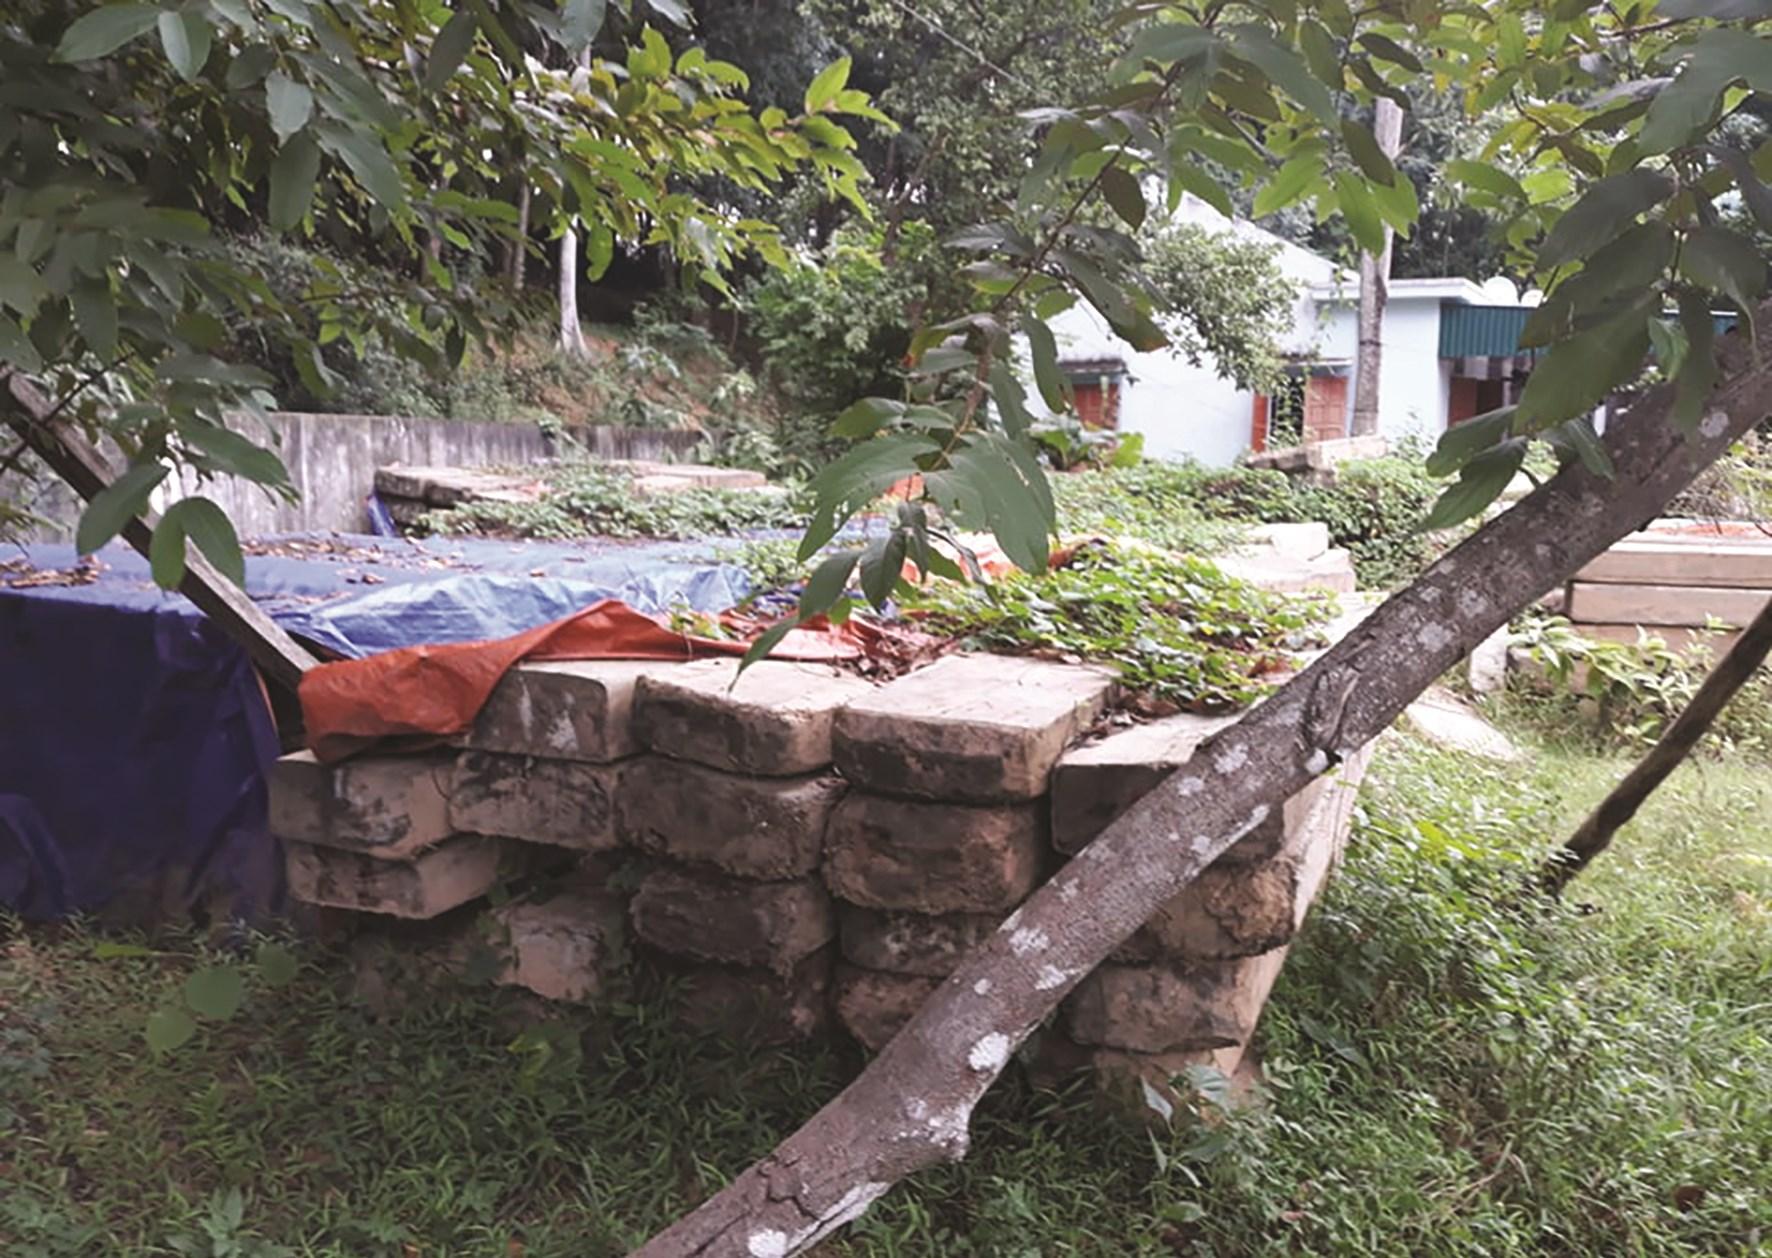 Số gỗ tập kết tại BQL rừng phòng hộ Kỳ Sơn từ năm 2017 đến nay đã dấu hiệu mục ruỗng, hư hỏng